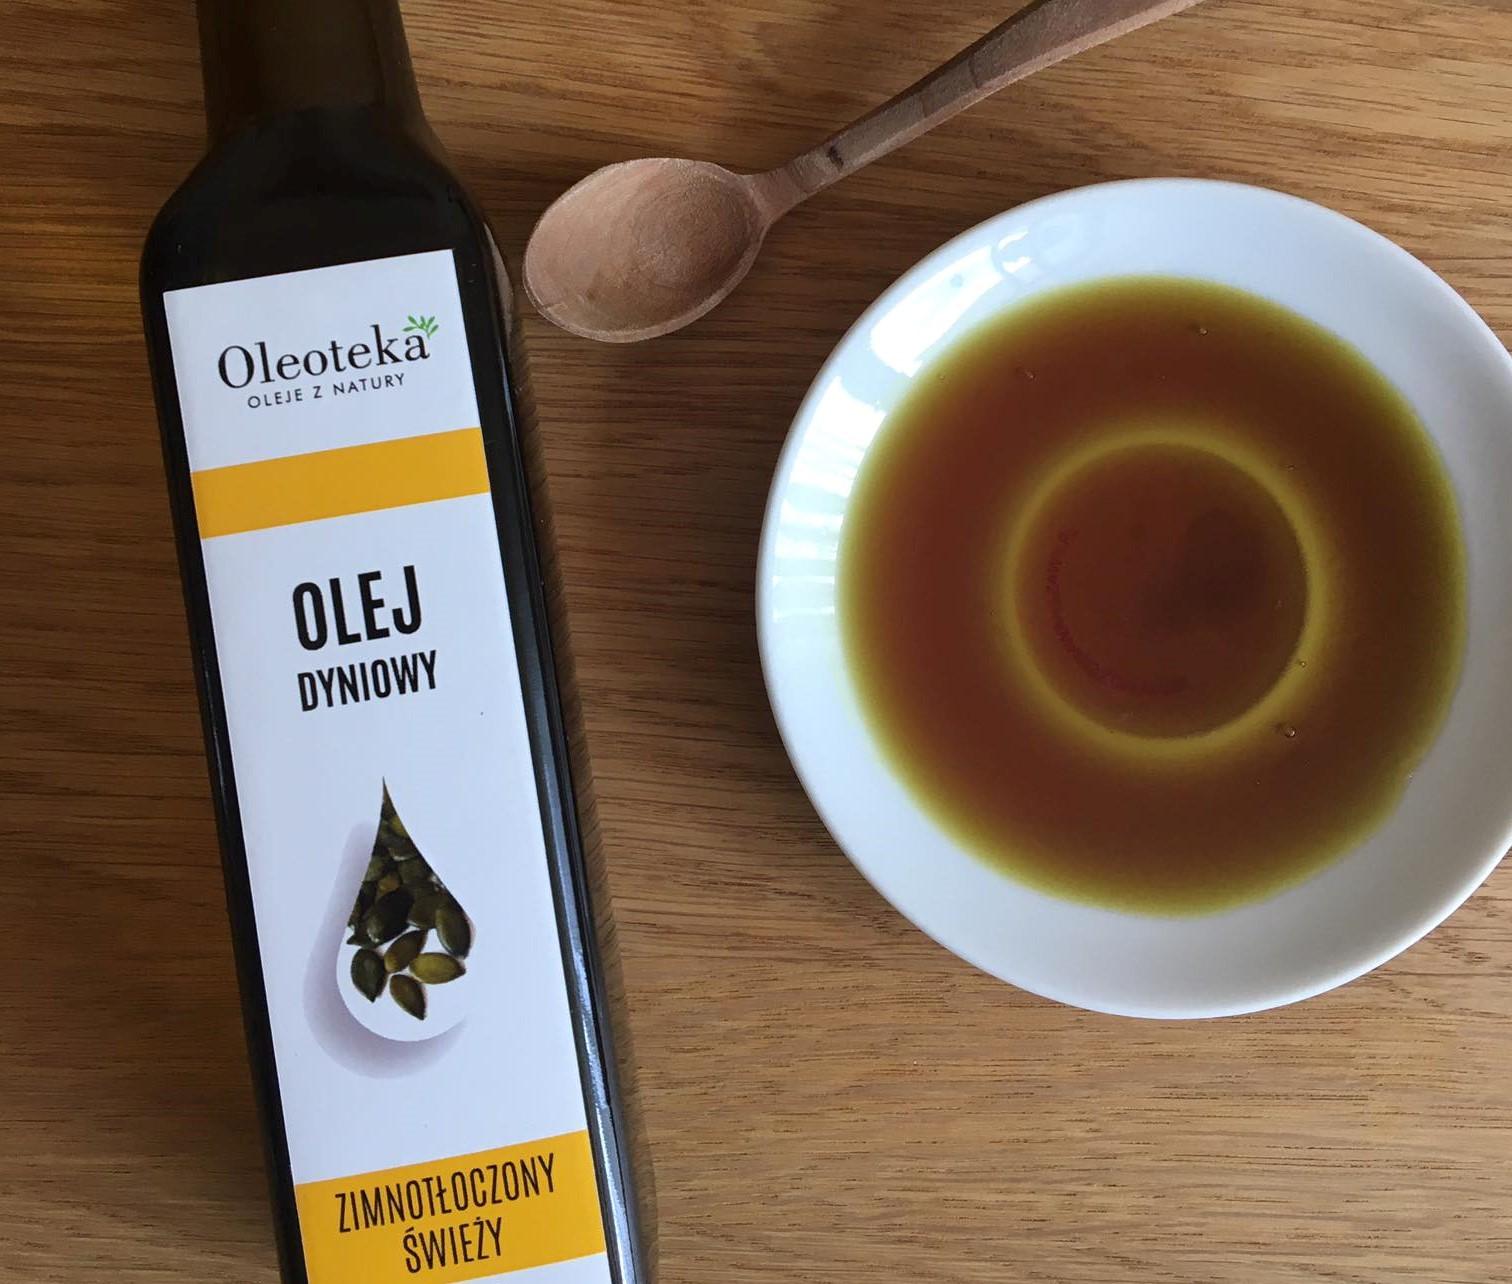 Olej dyniowy